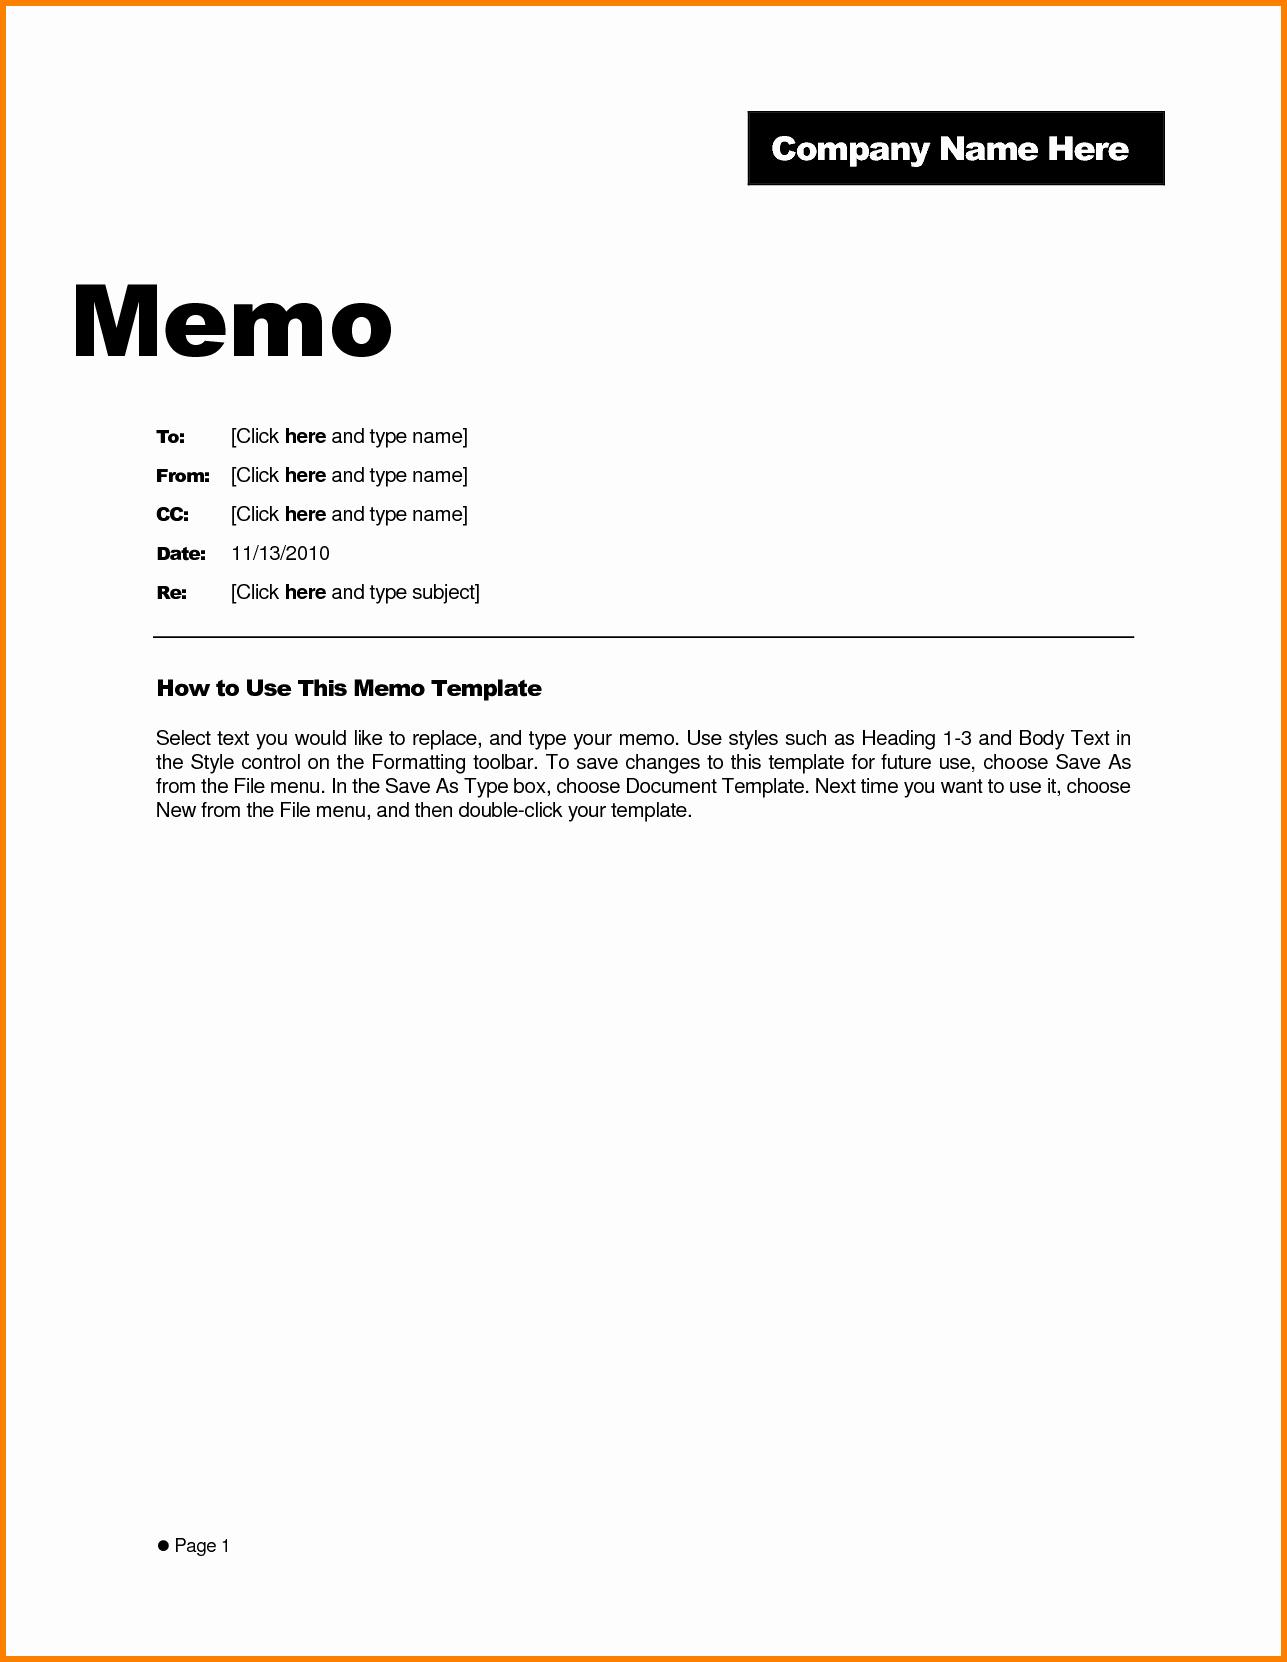 Memo Template for Word Lovely Credit Memo Sample Portablegasgrillweber